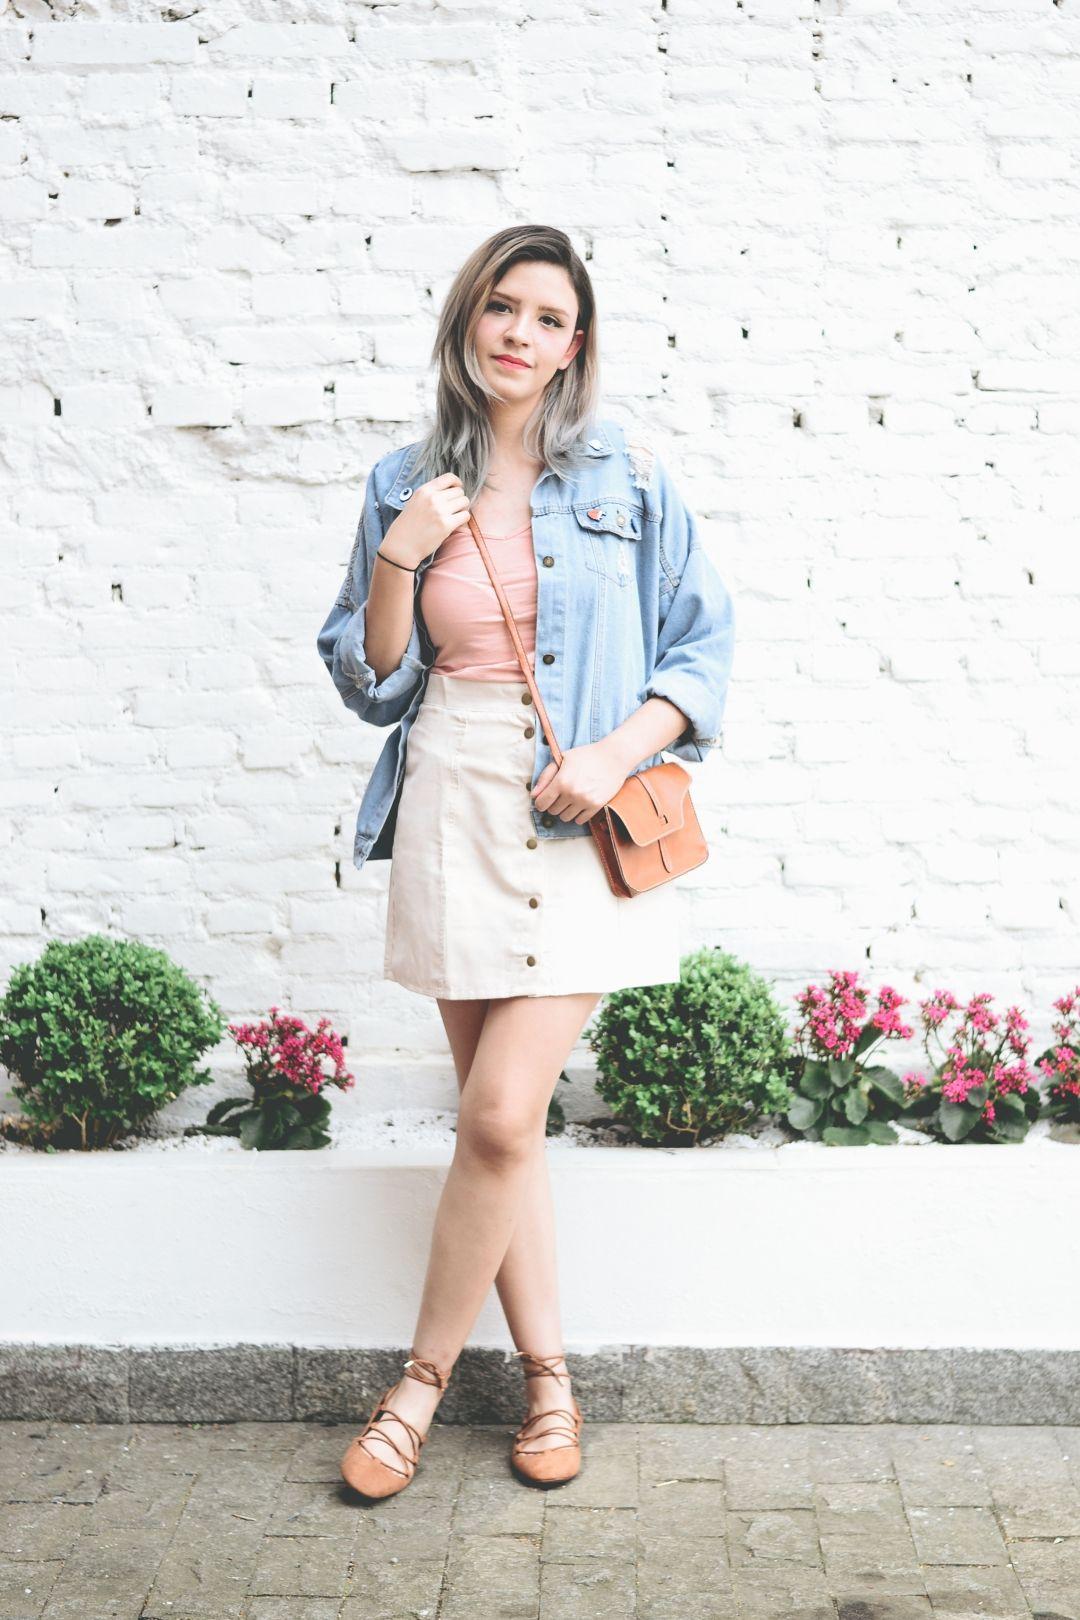 dd4e23791cbf3 Look de primavera com saia bege com botões na frente, sapatilha de amarrar  caramelo, blusa rose, jaqueta jeans oversized e bolsa caramelo.